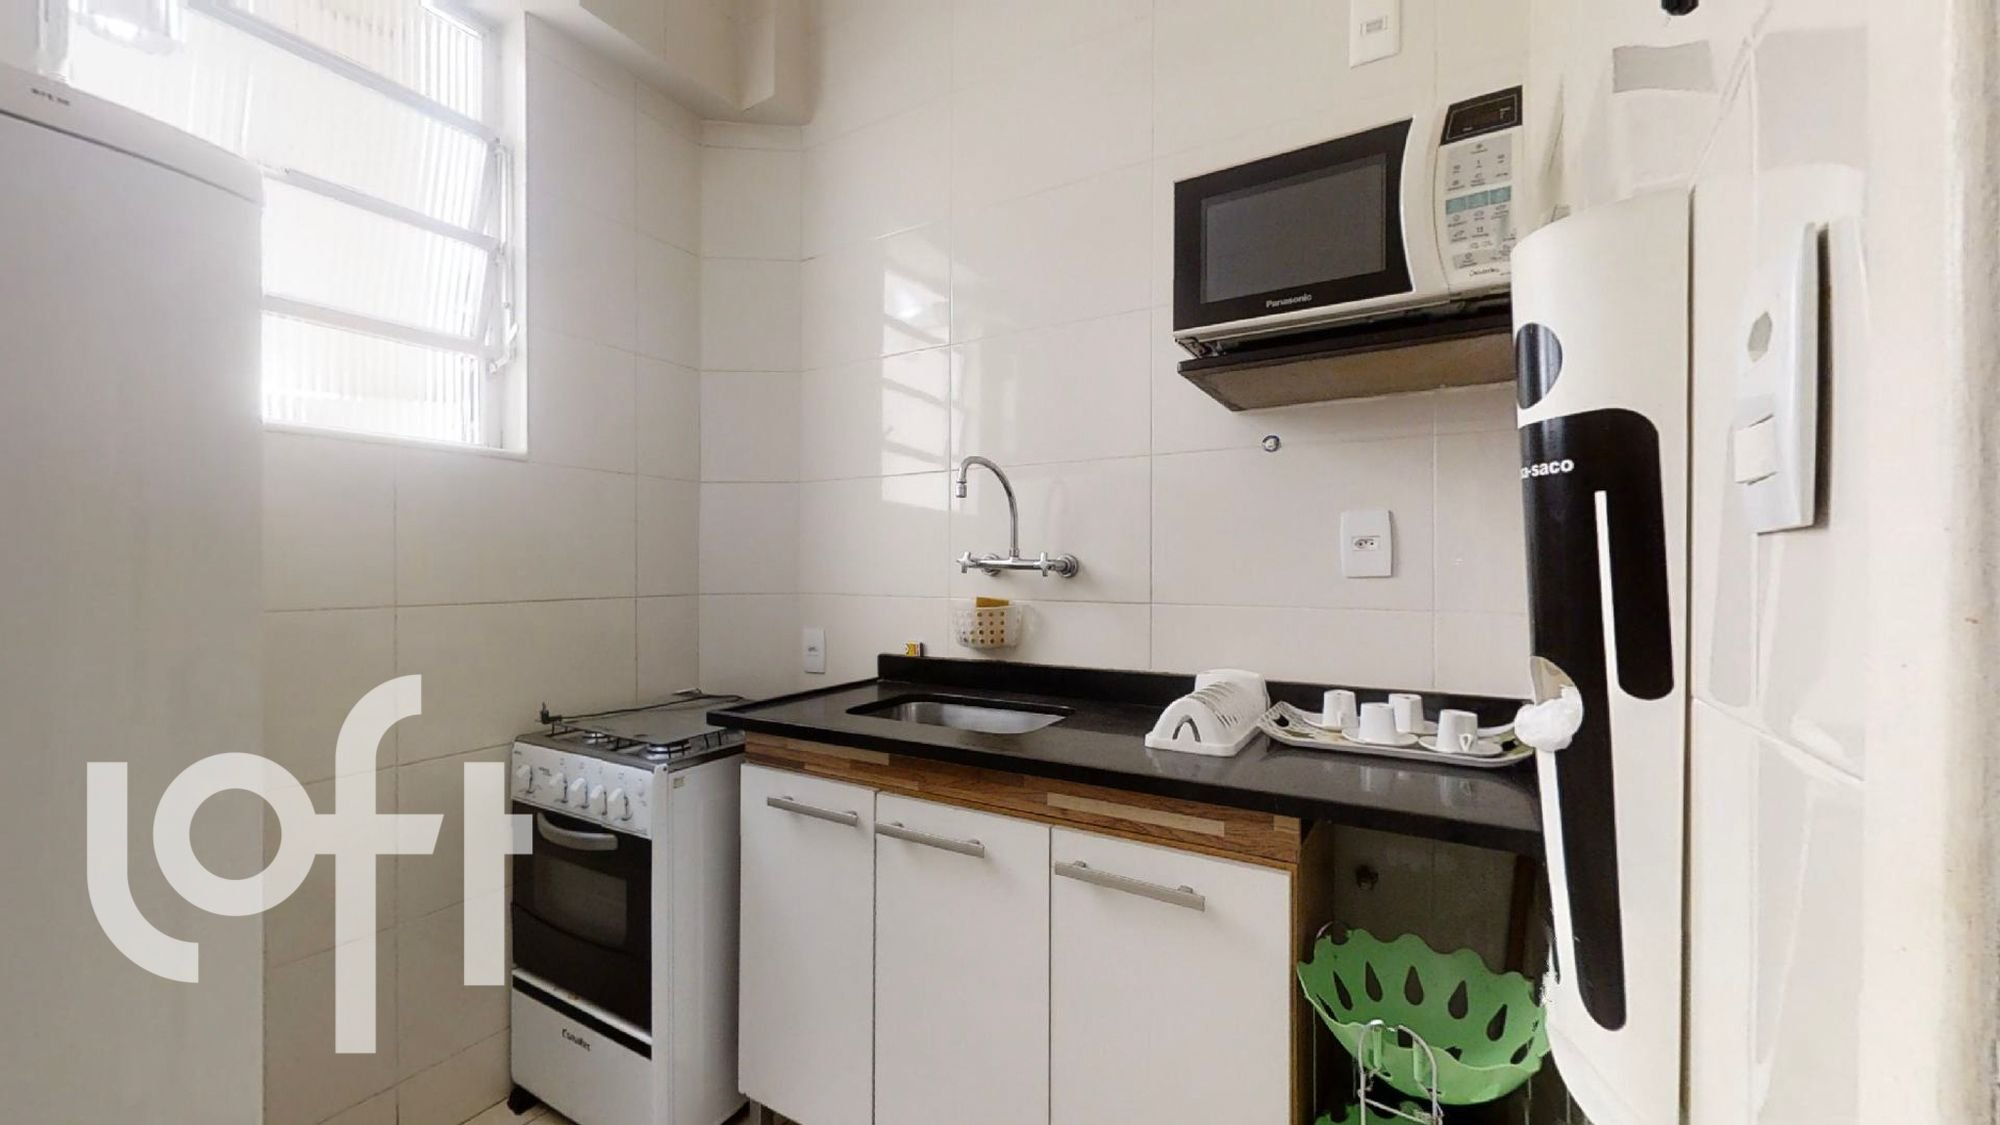 Foto de Cozinha com forno, pia, microondas, xícara